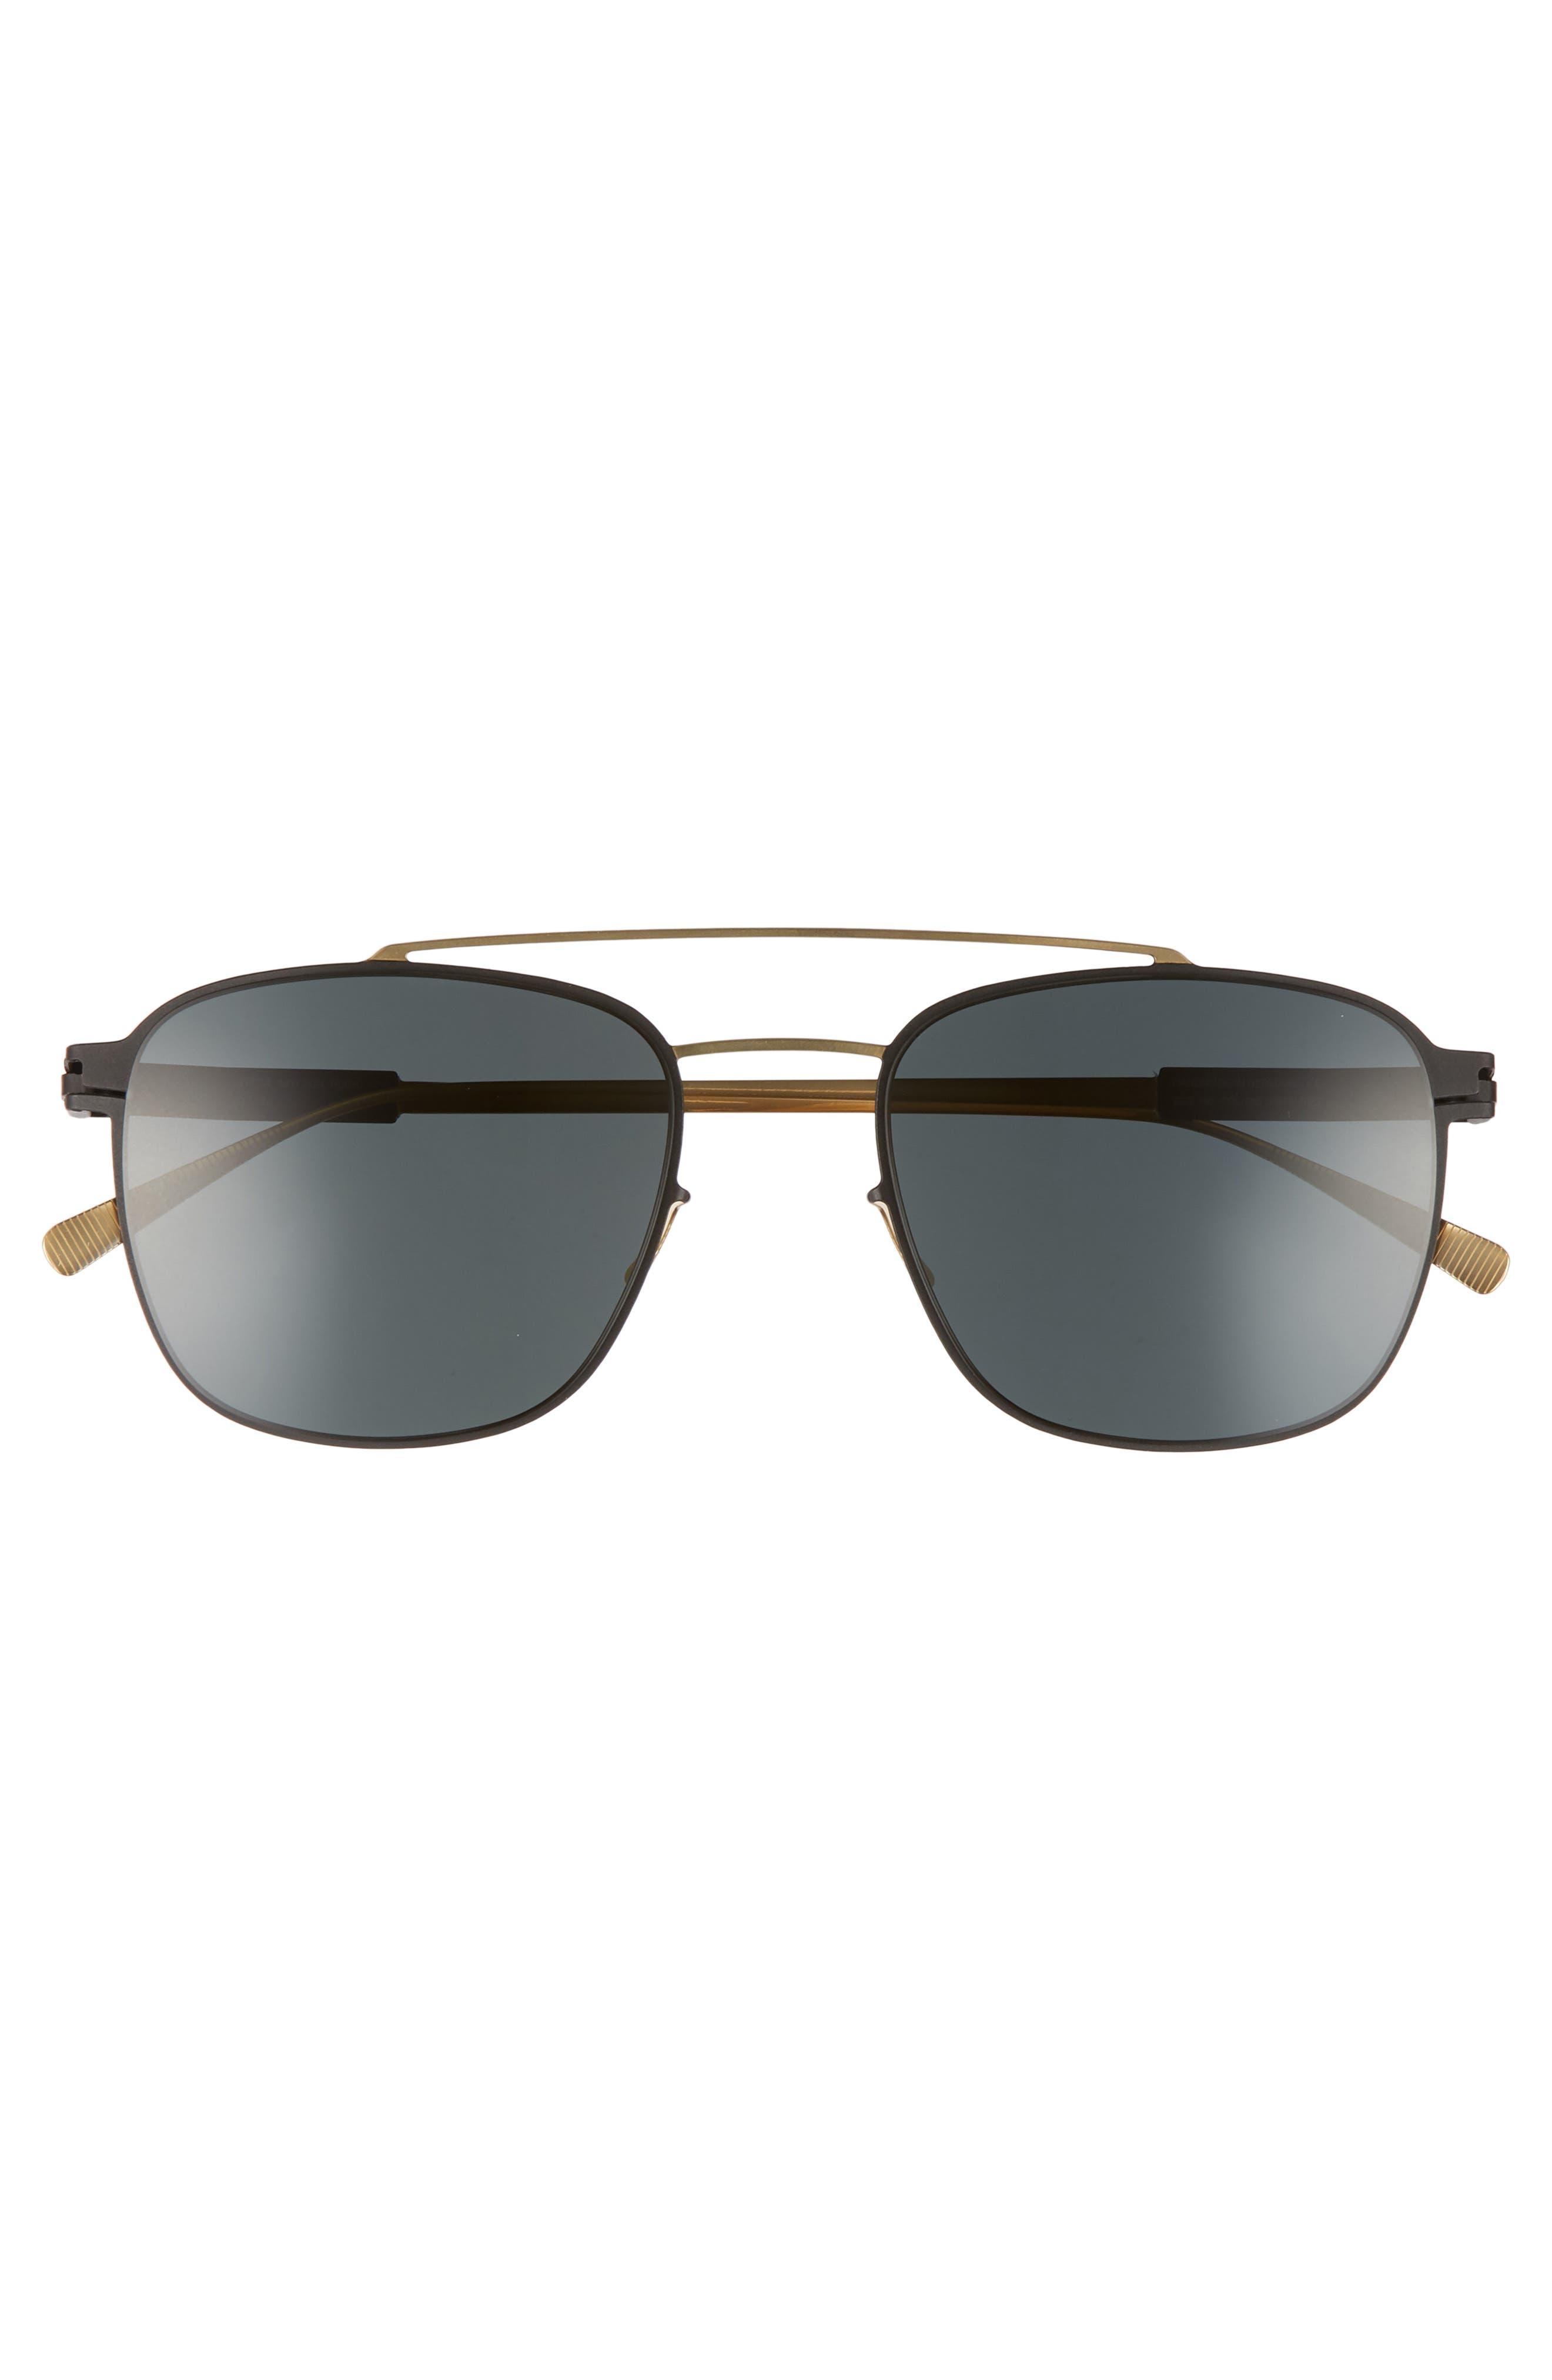 Hugh 52mm Polarized Sunglasses,                             Alternate thumbnail 2, color,                             Gold/ Black